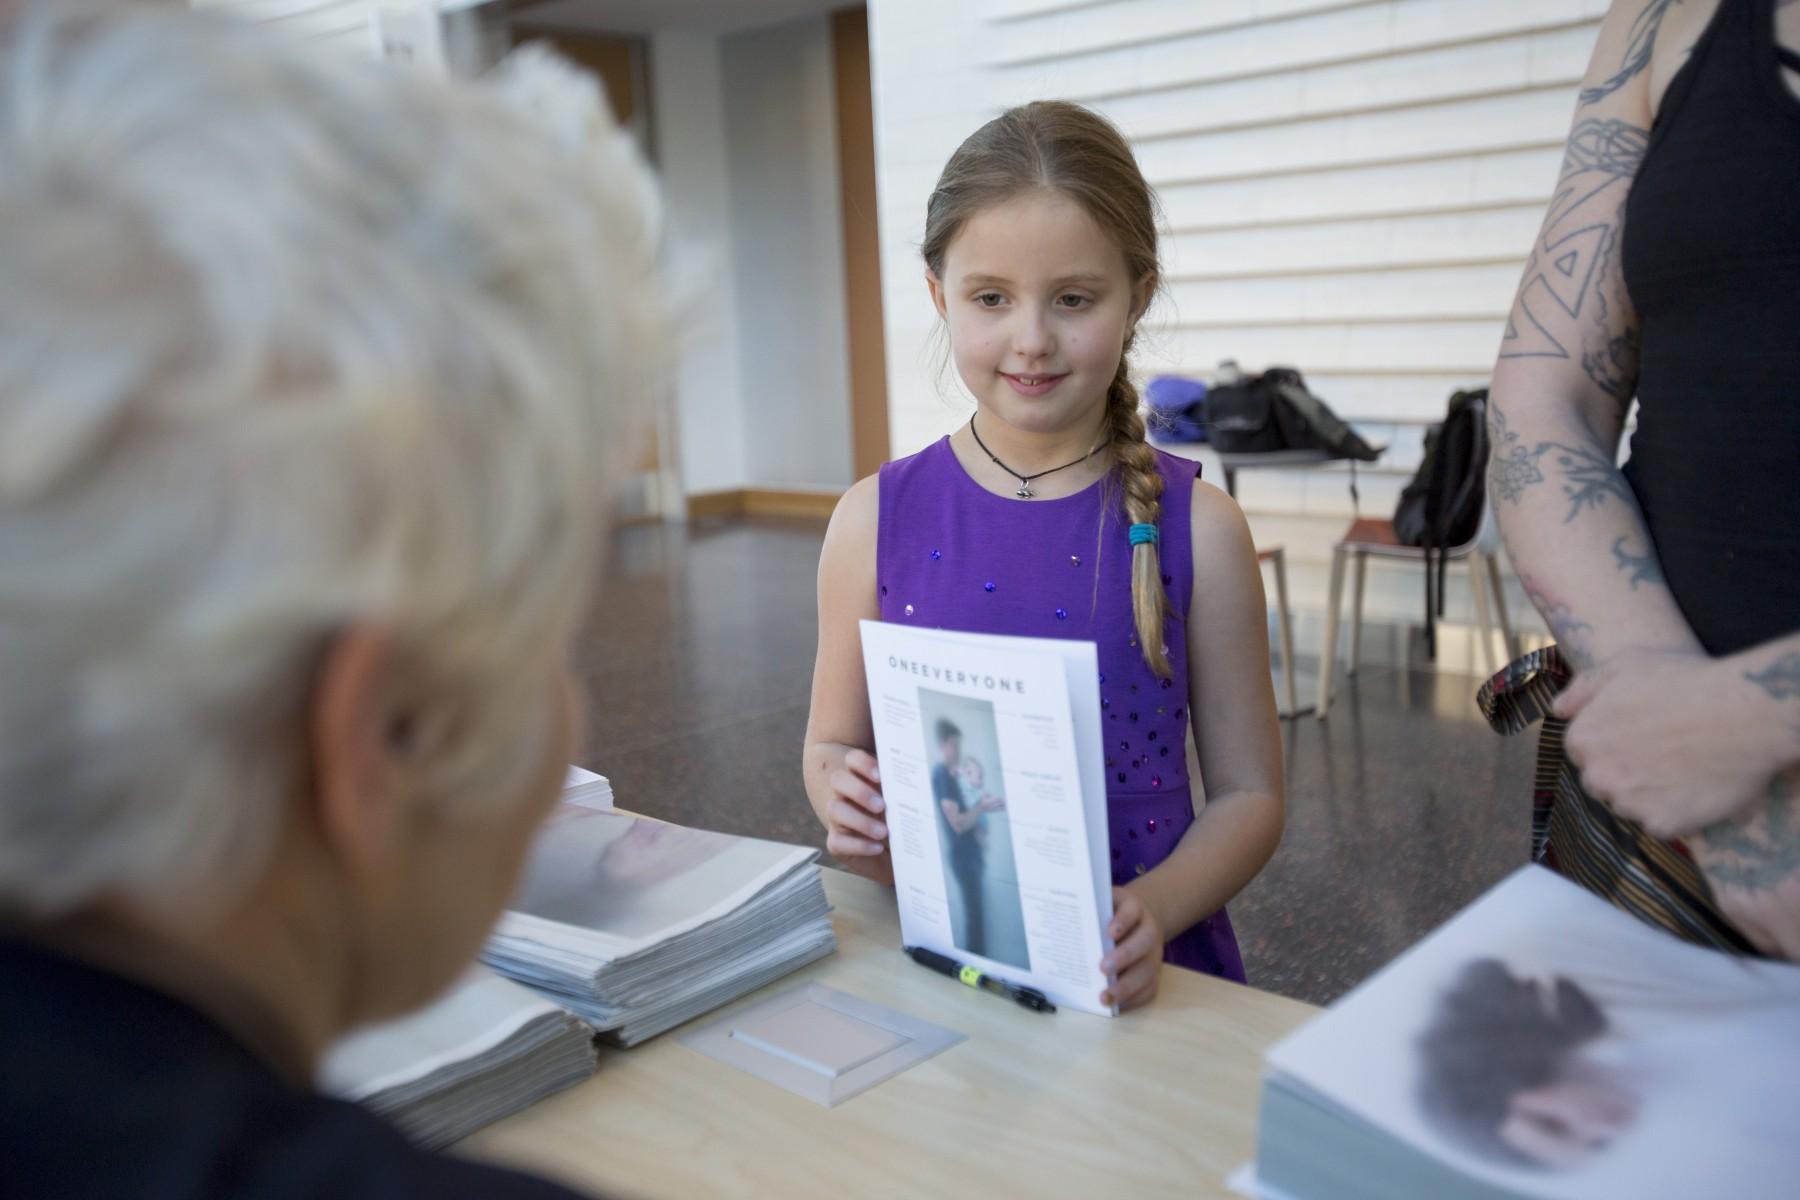 little girl holding pamphlet